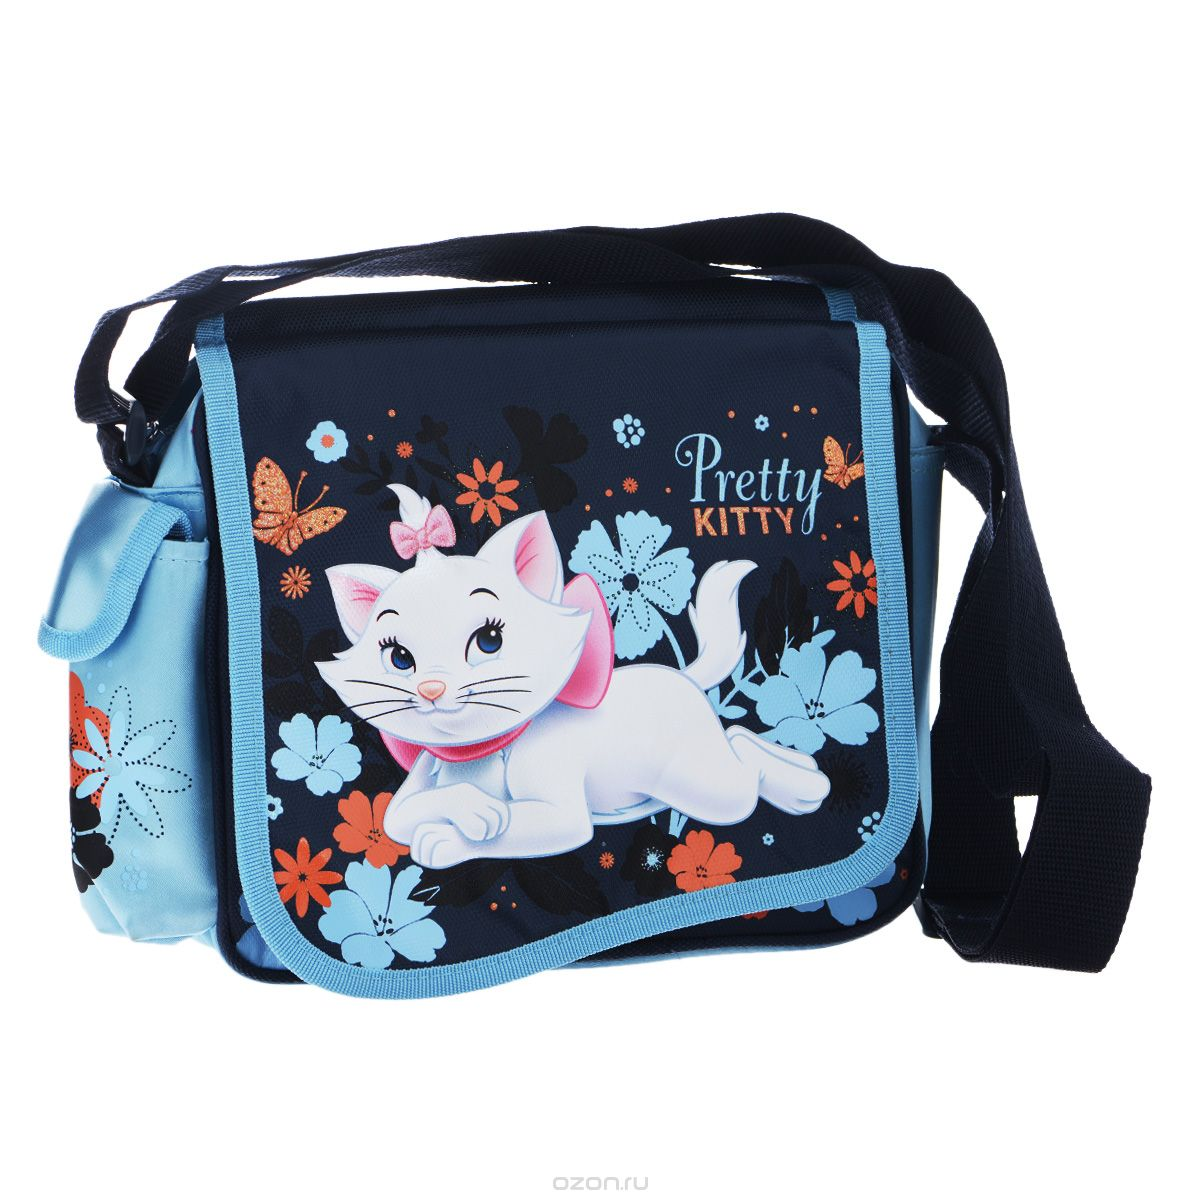 Рюкзаки для девочек коты аристократы купить рюкзак монстер хай в интернет магазине